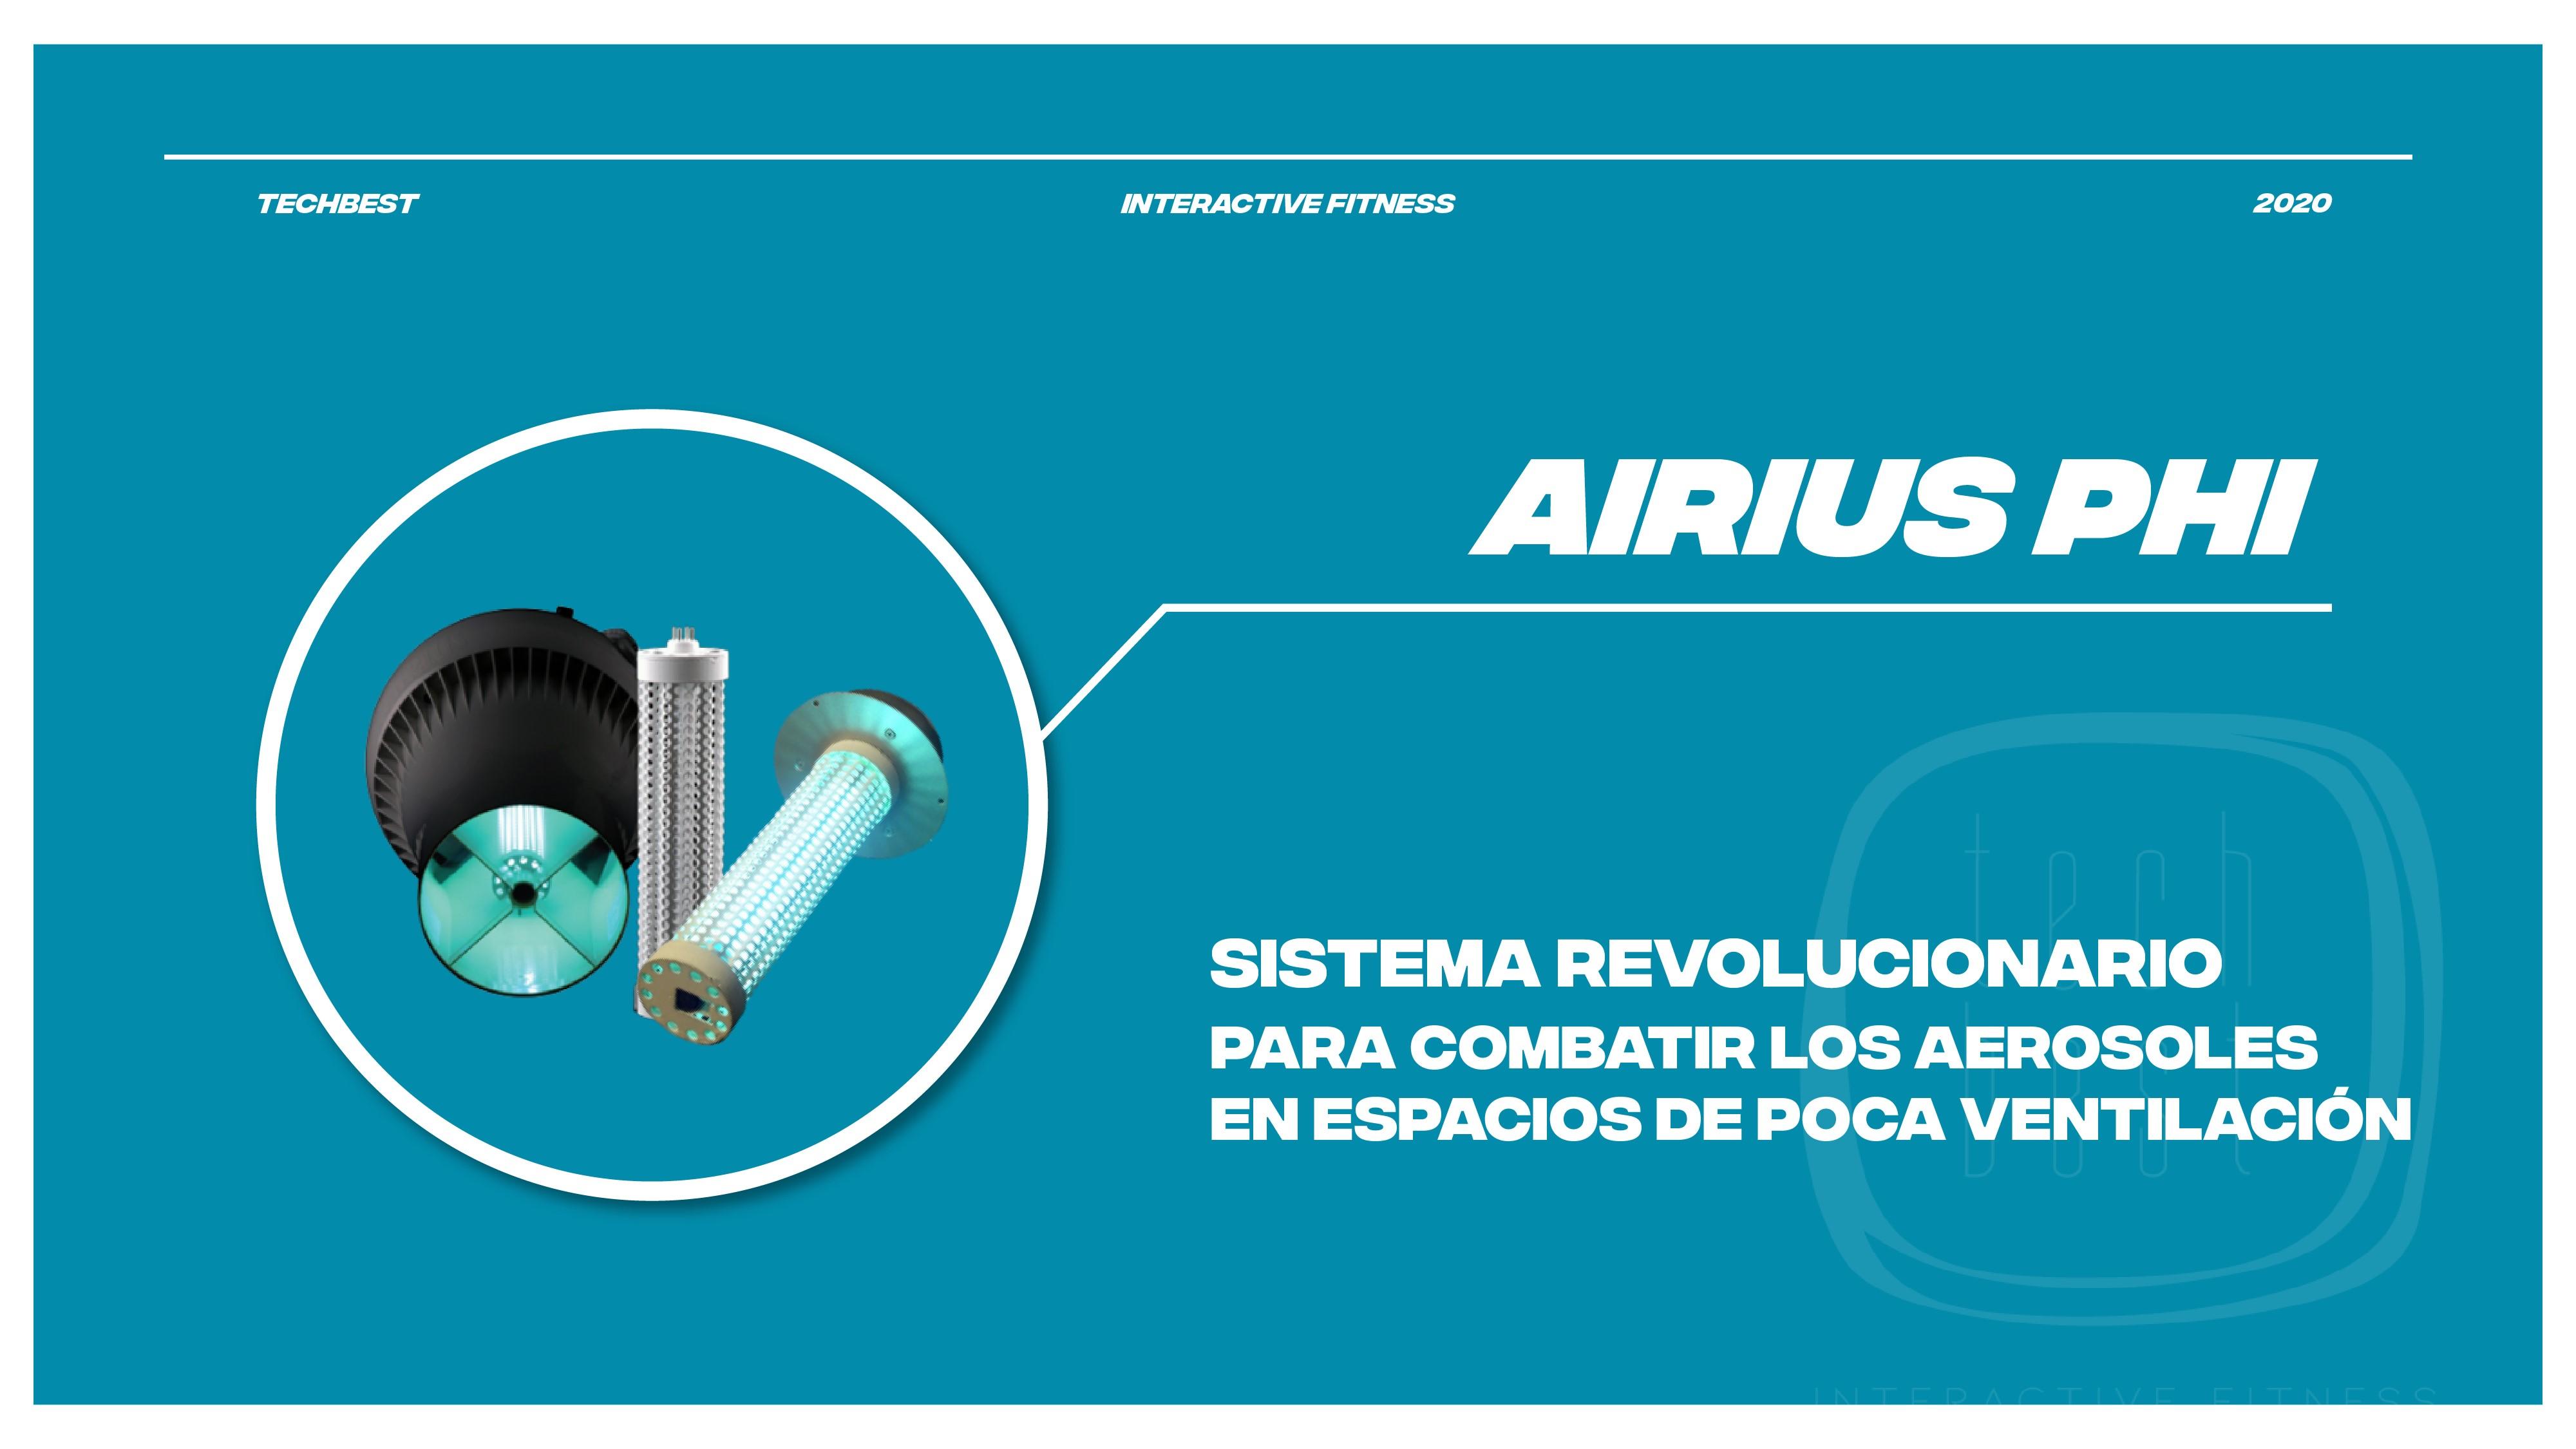 Tech-Best distribuye Airius PureAir PHI para combatir los aerosoles